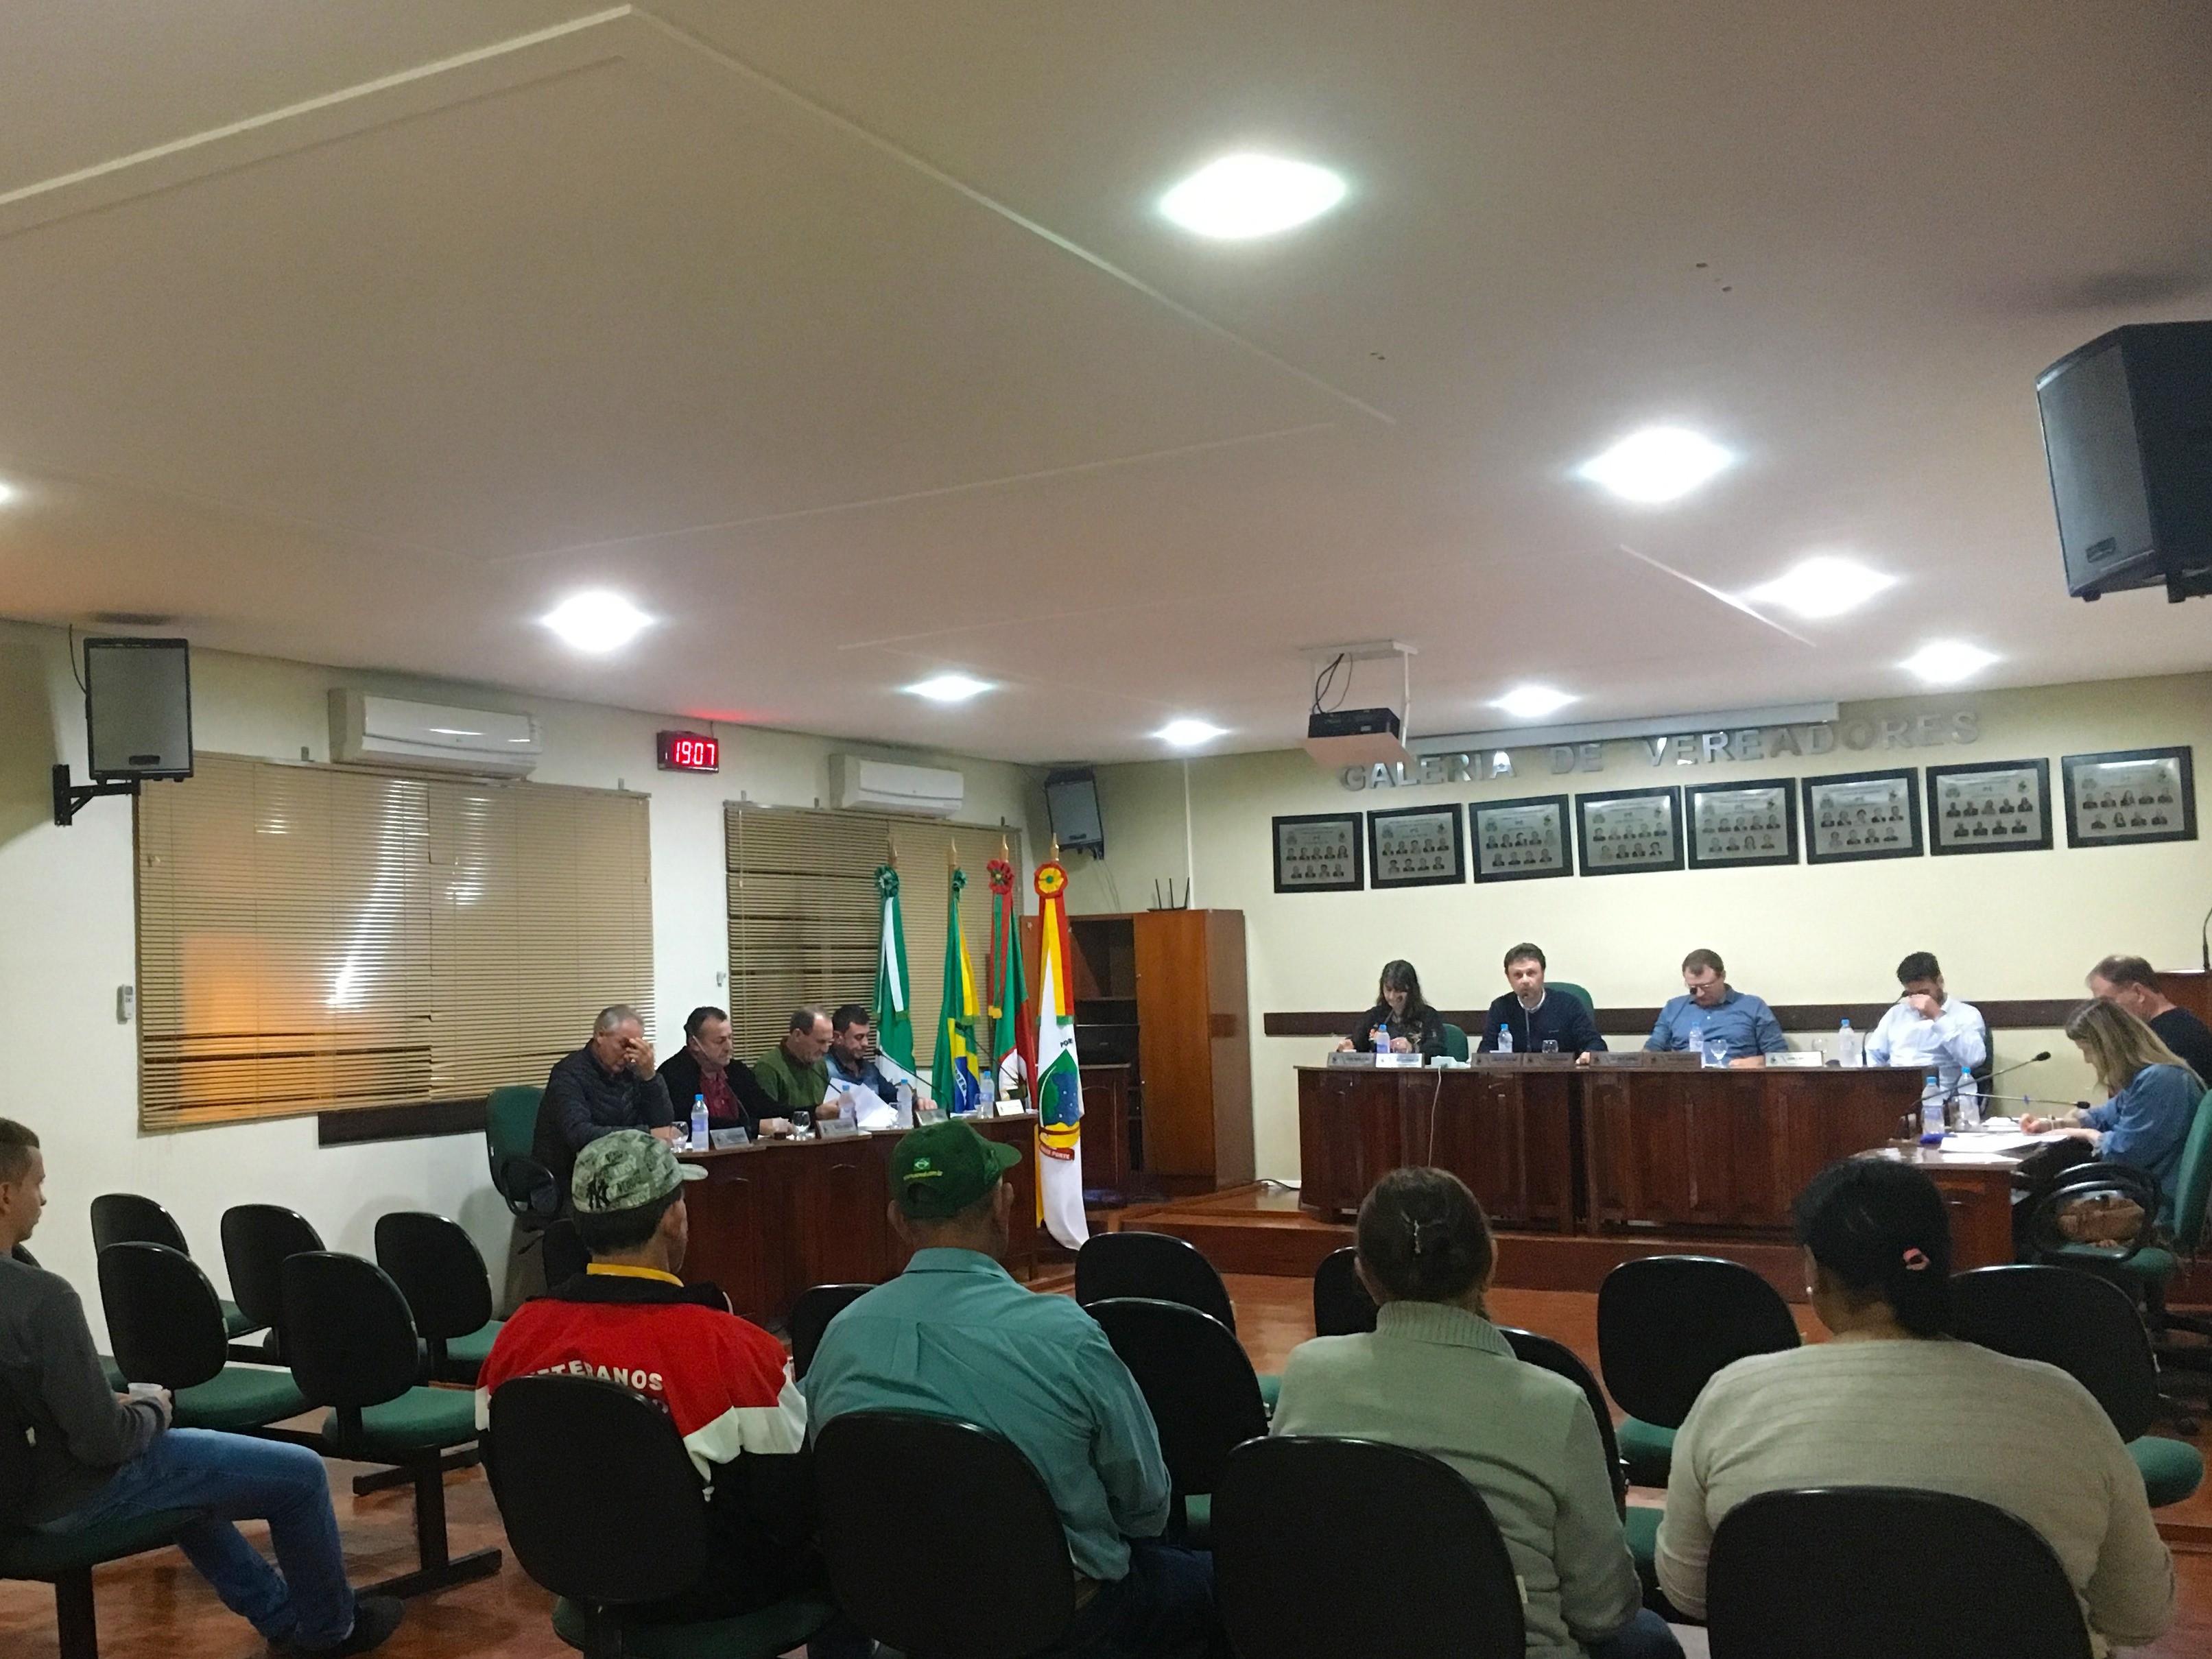 Foto de capa da notícia Confira agora como foi a Sessão Plenária Ordinária de ontem, 11 de junho de 2019, na Câmara de Vereadores de Ipê: